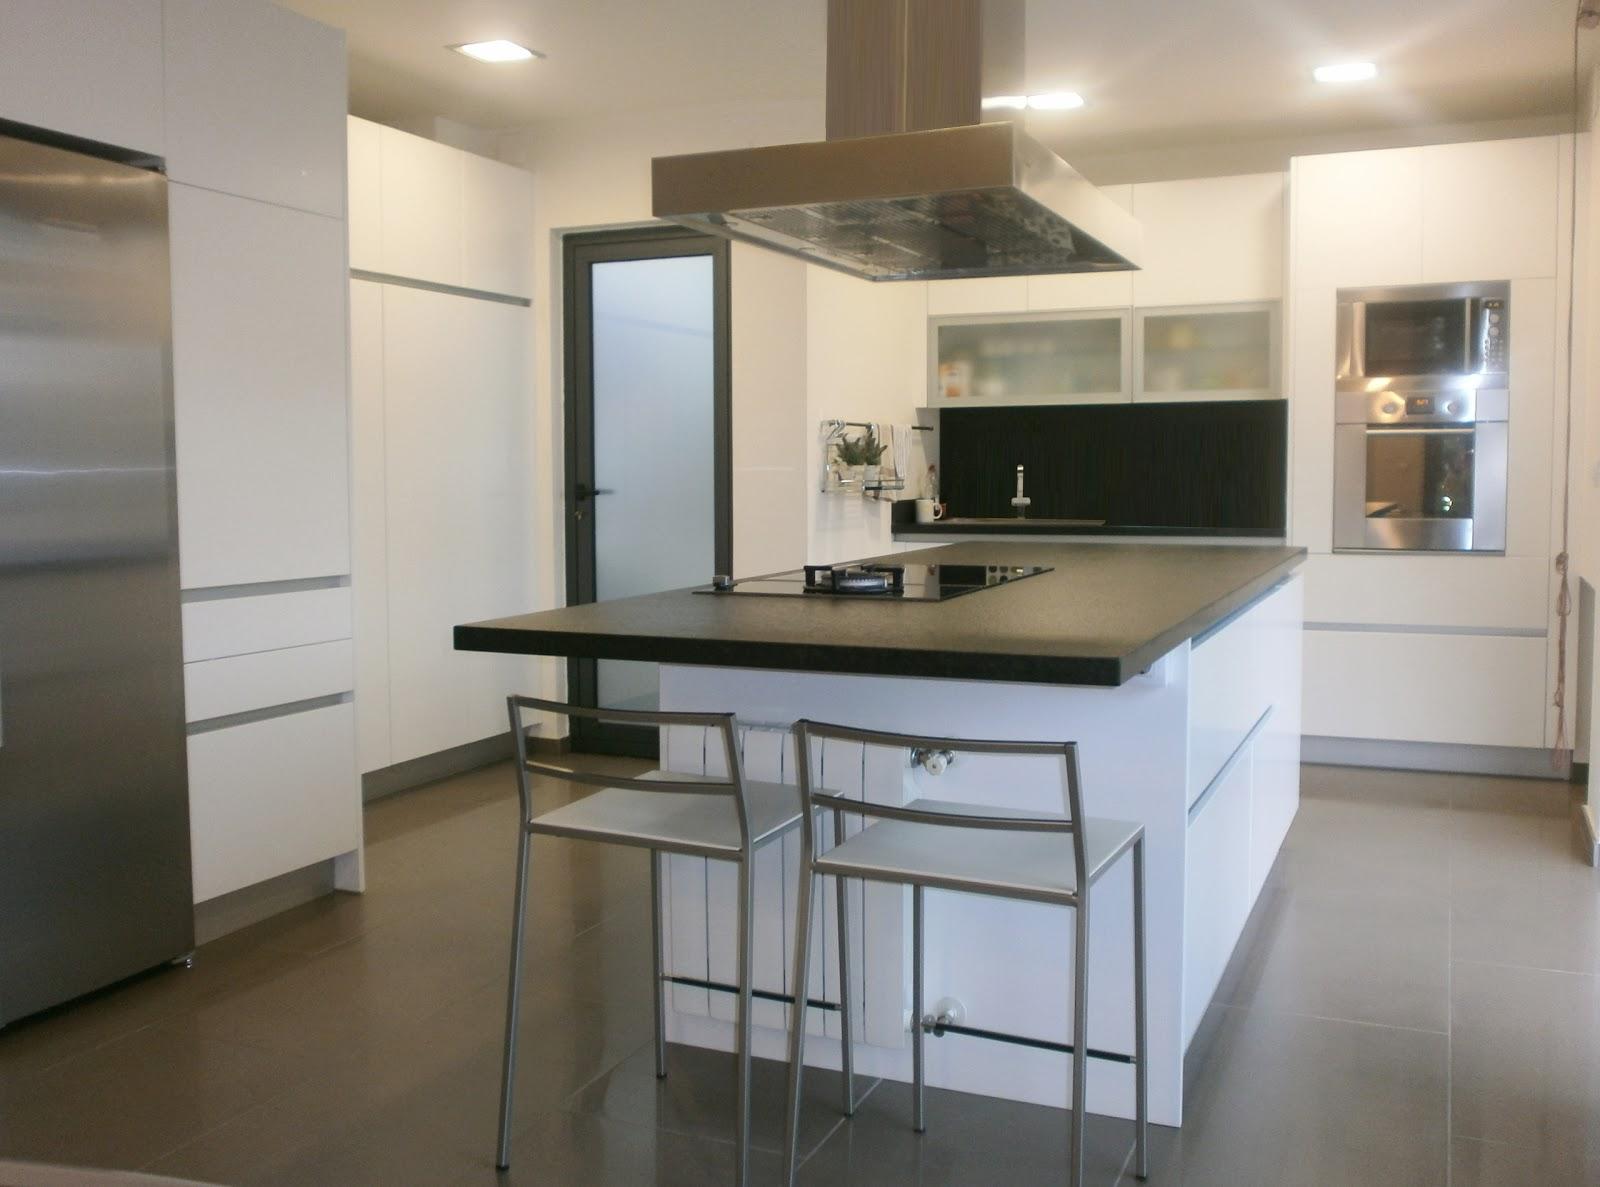 granito negro y cocina blanca sobria y siempre actual